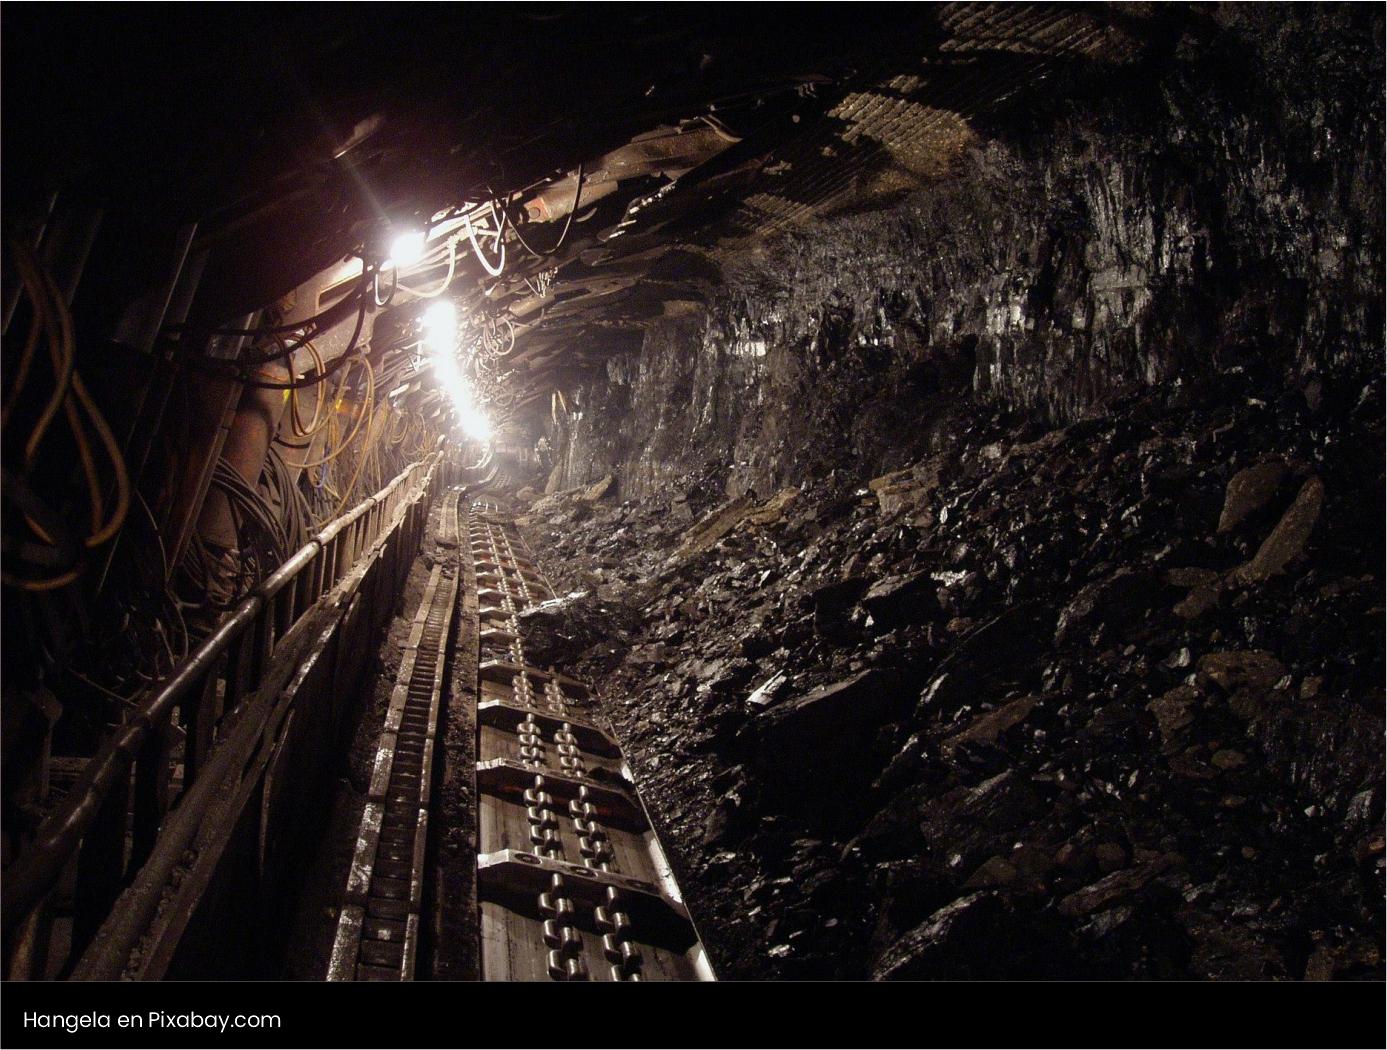 El precio de carbón disminuyó considerablemente Cider | Uniandes